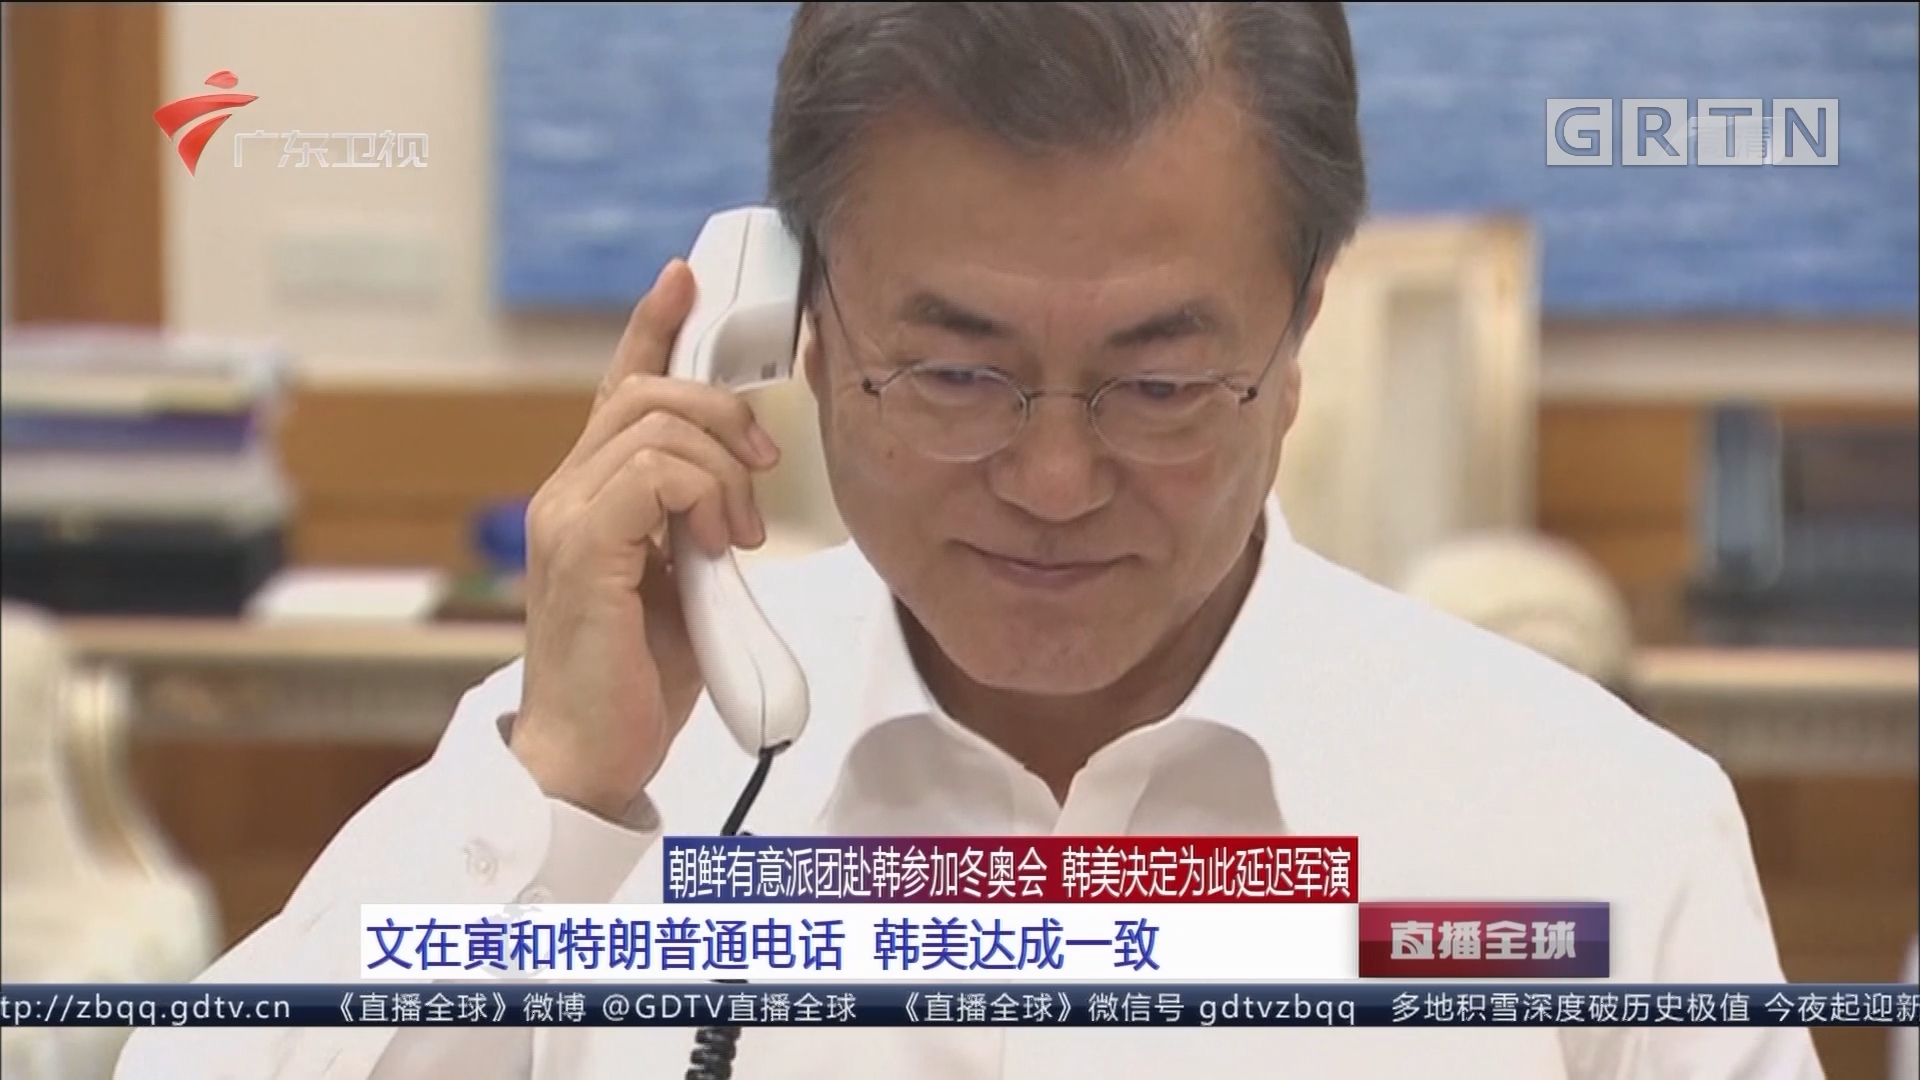 朝鲜有意派团赴韩参加冬奥会 韩美决定为此延迟军演:文在寅和特朗普通电话 韩美达成一致